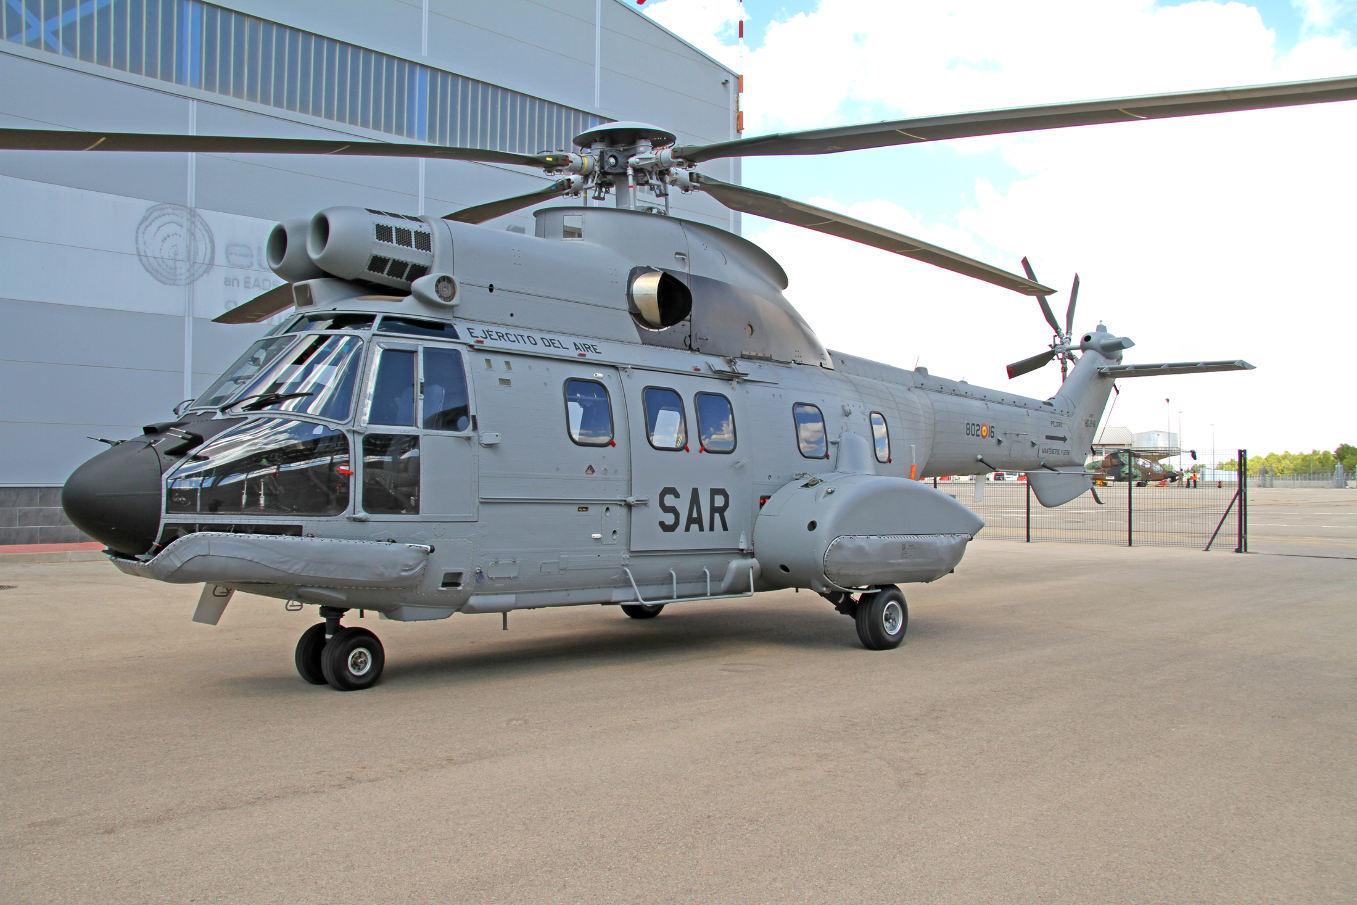 La force aérienne espagnole reçoit son premier H215